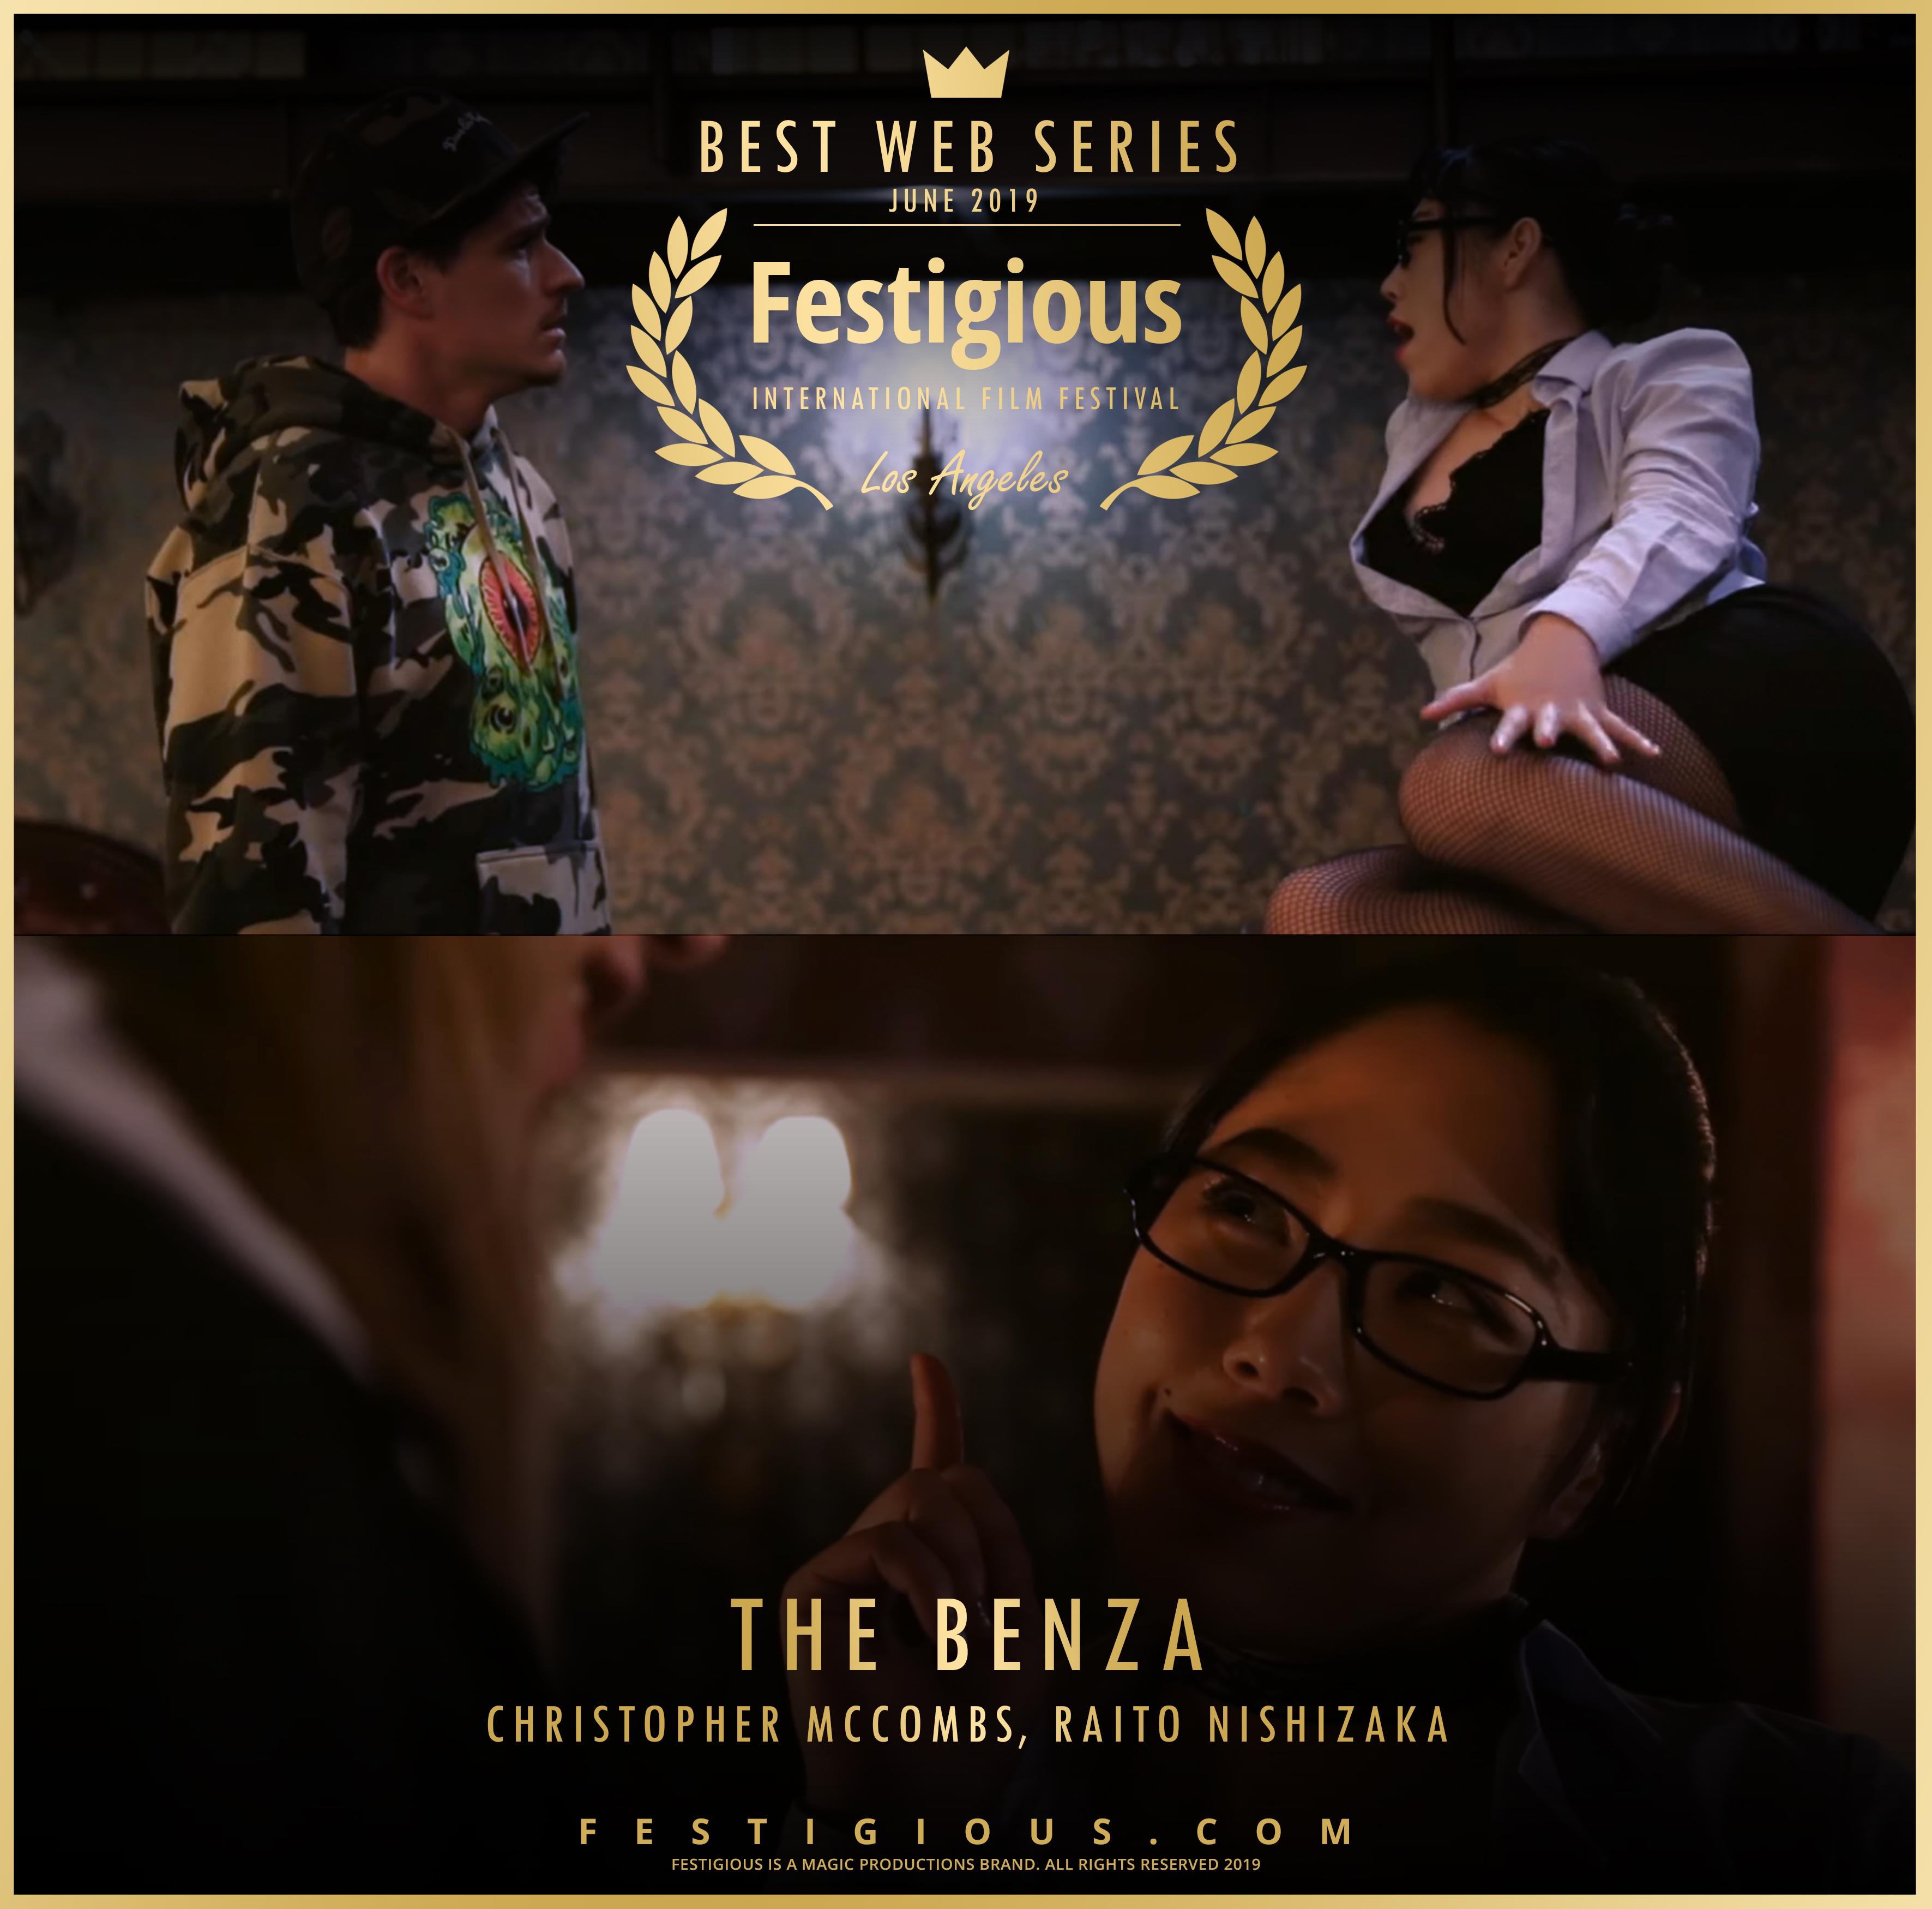 THE BENZA design